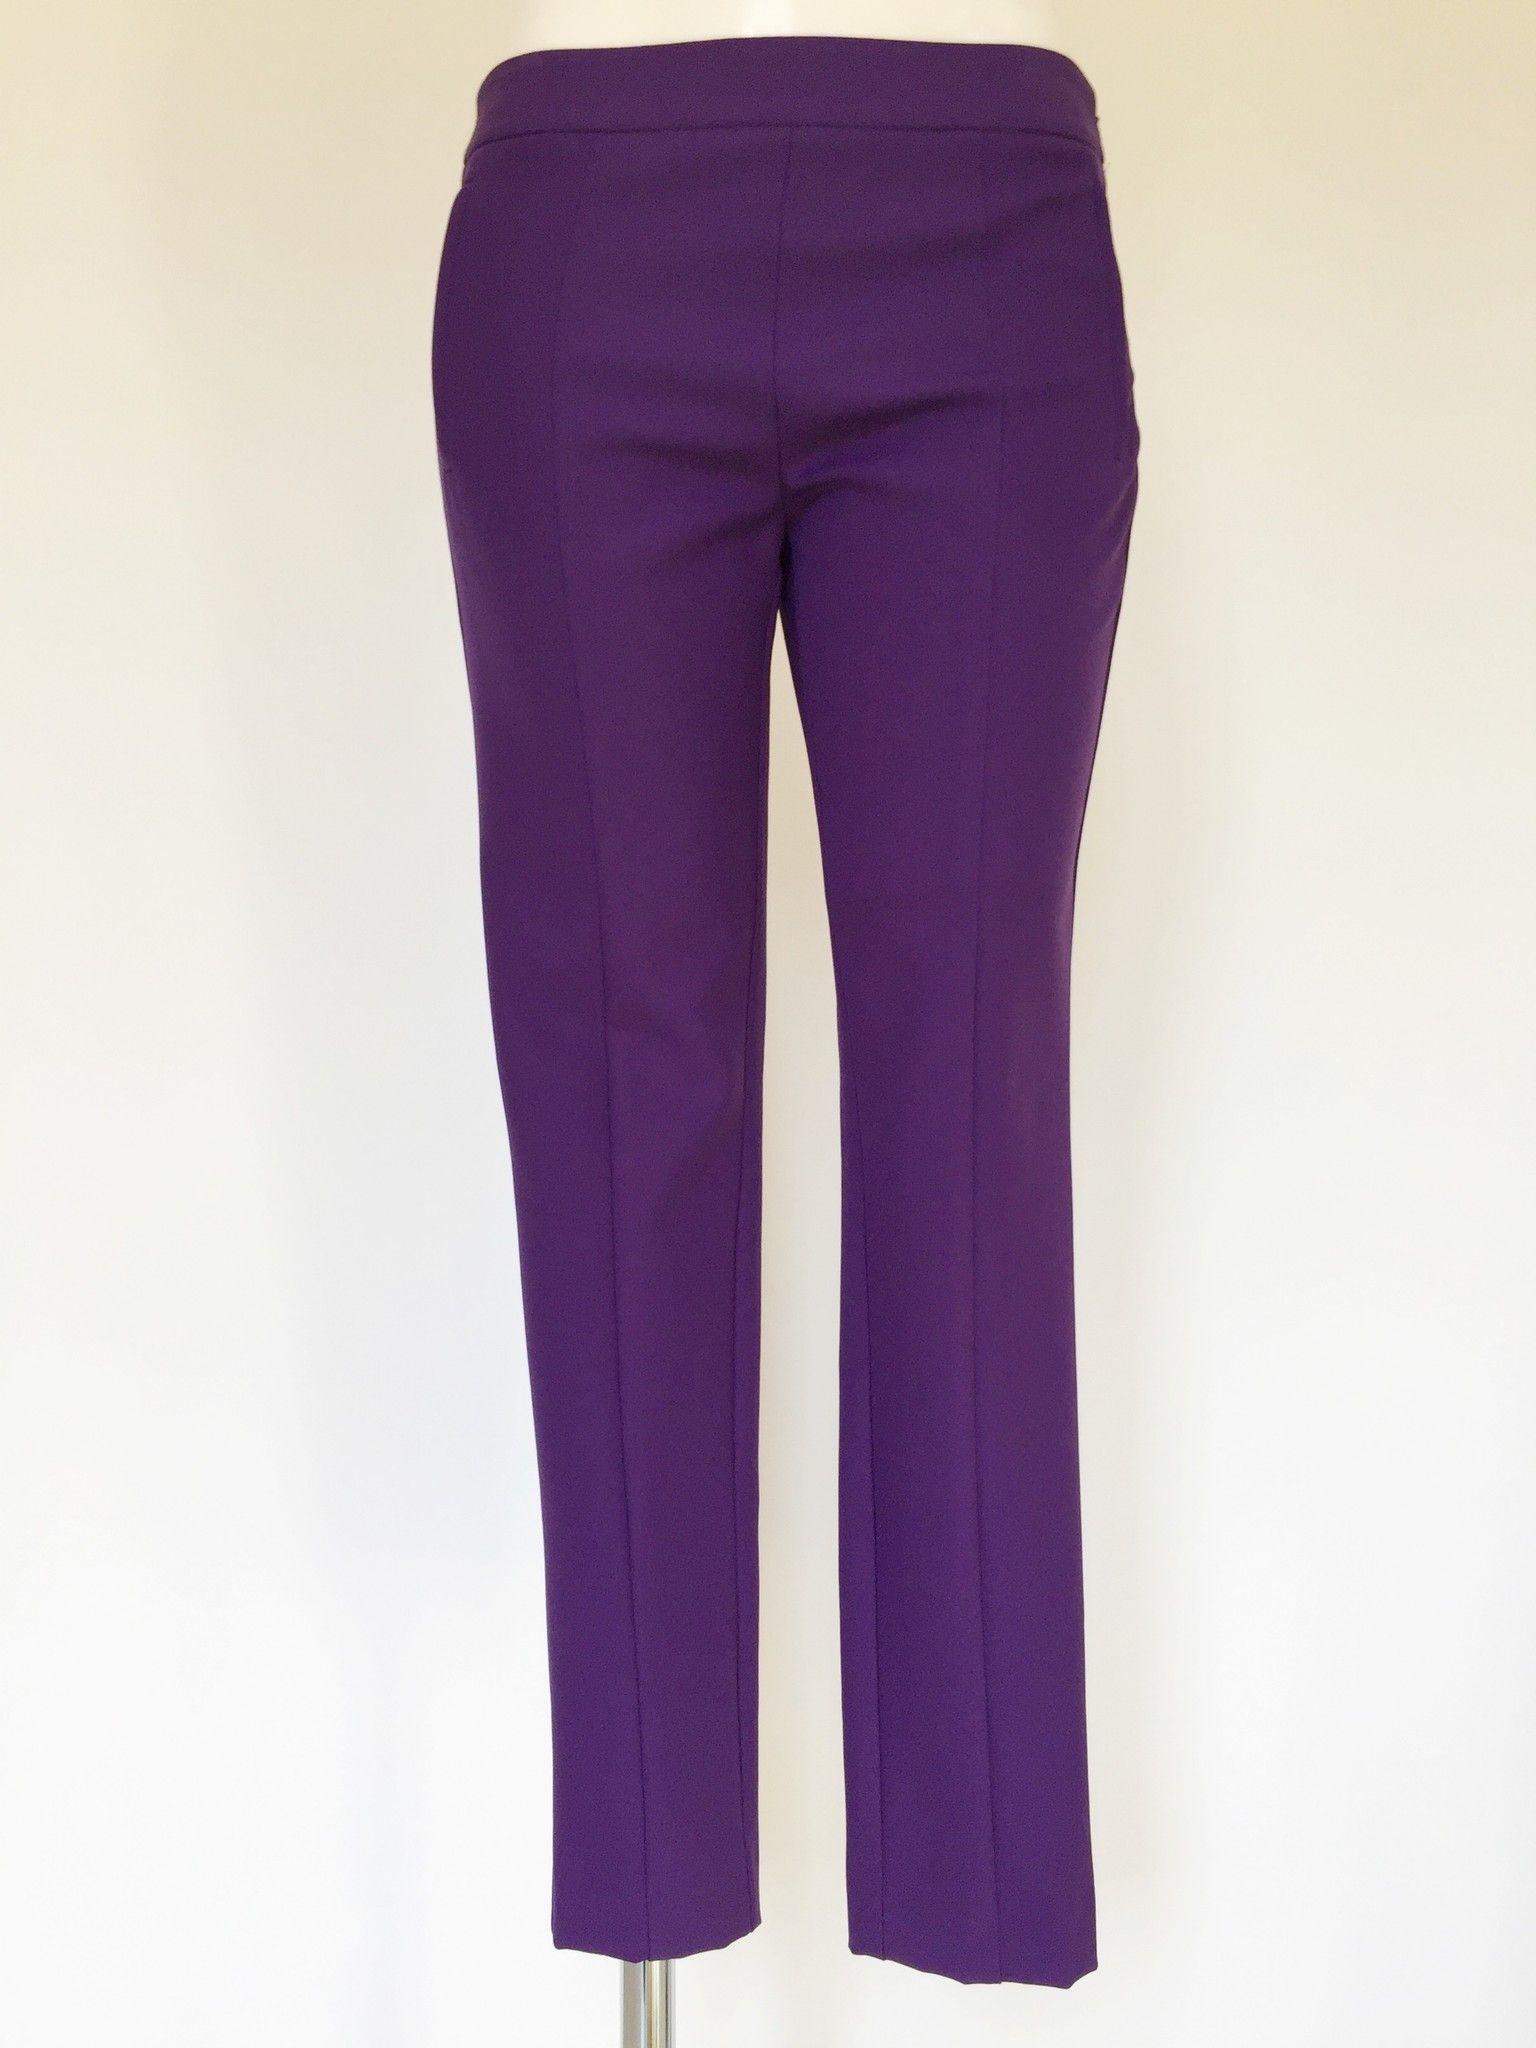 Pantalone Space Lungo Modello Skinny Cod.AI144012